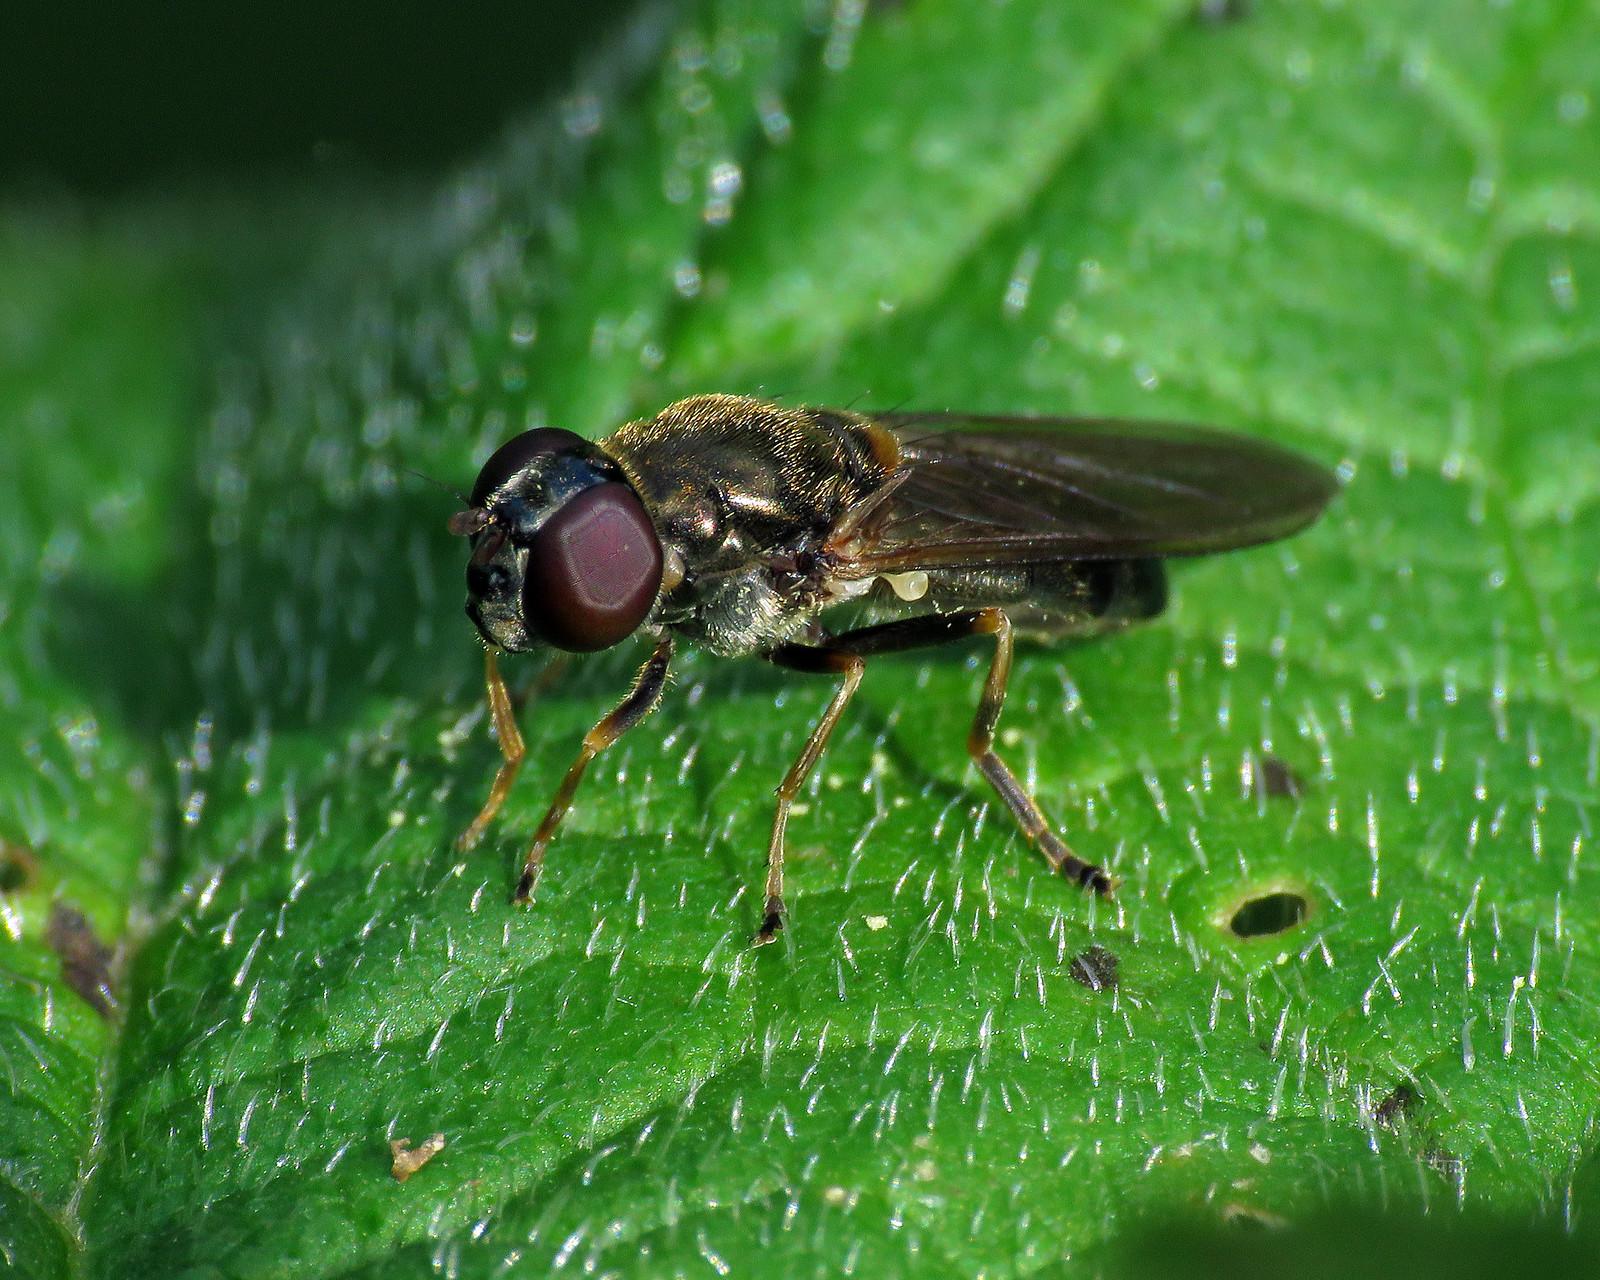 Cheilosia scutellata